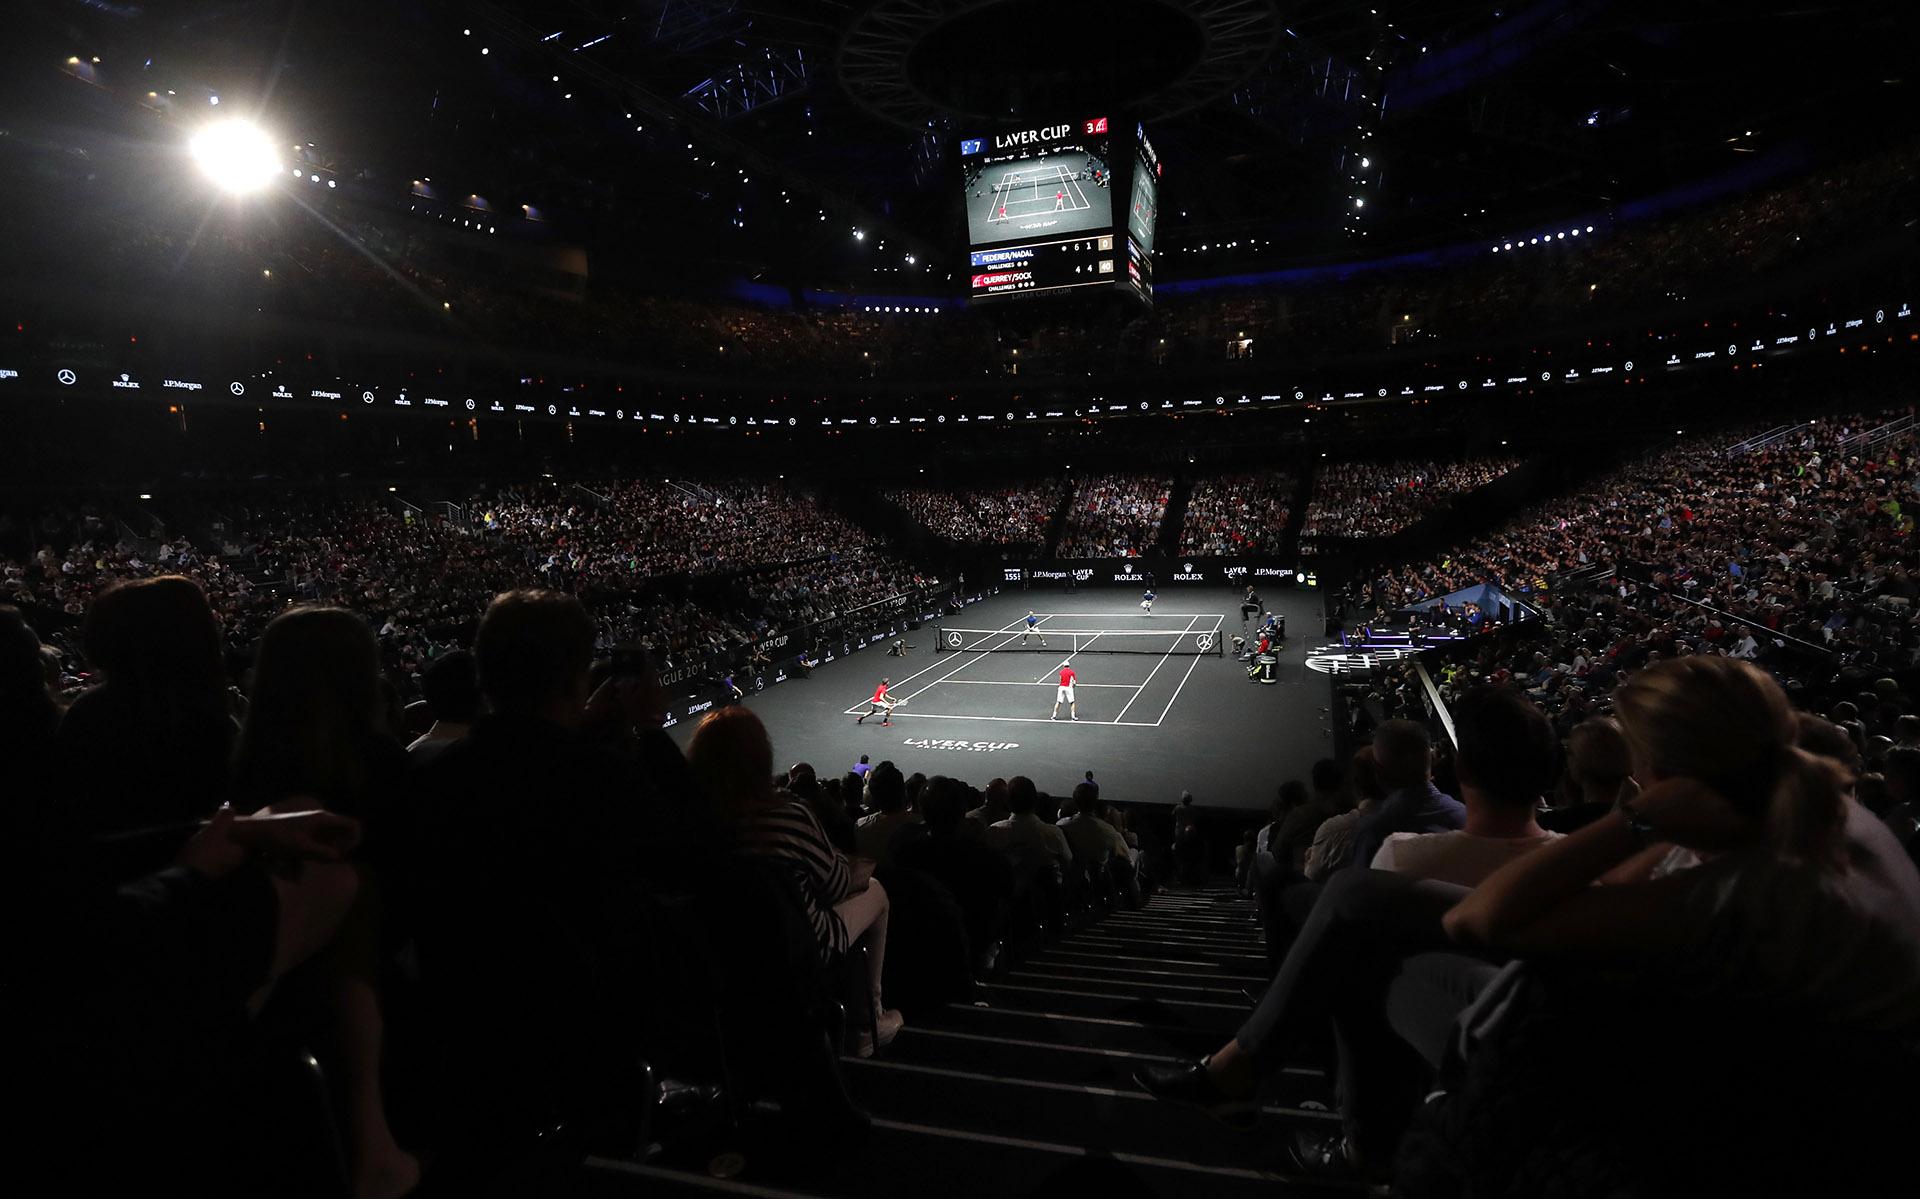 Al ser un torneo exhibición, no entrará en el reparto de puntos ATP.